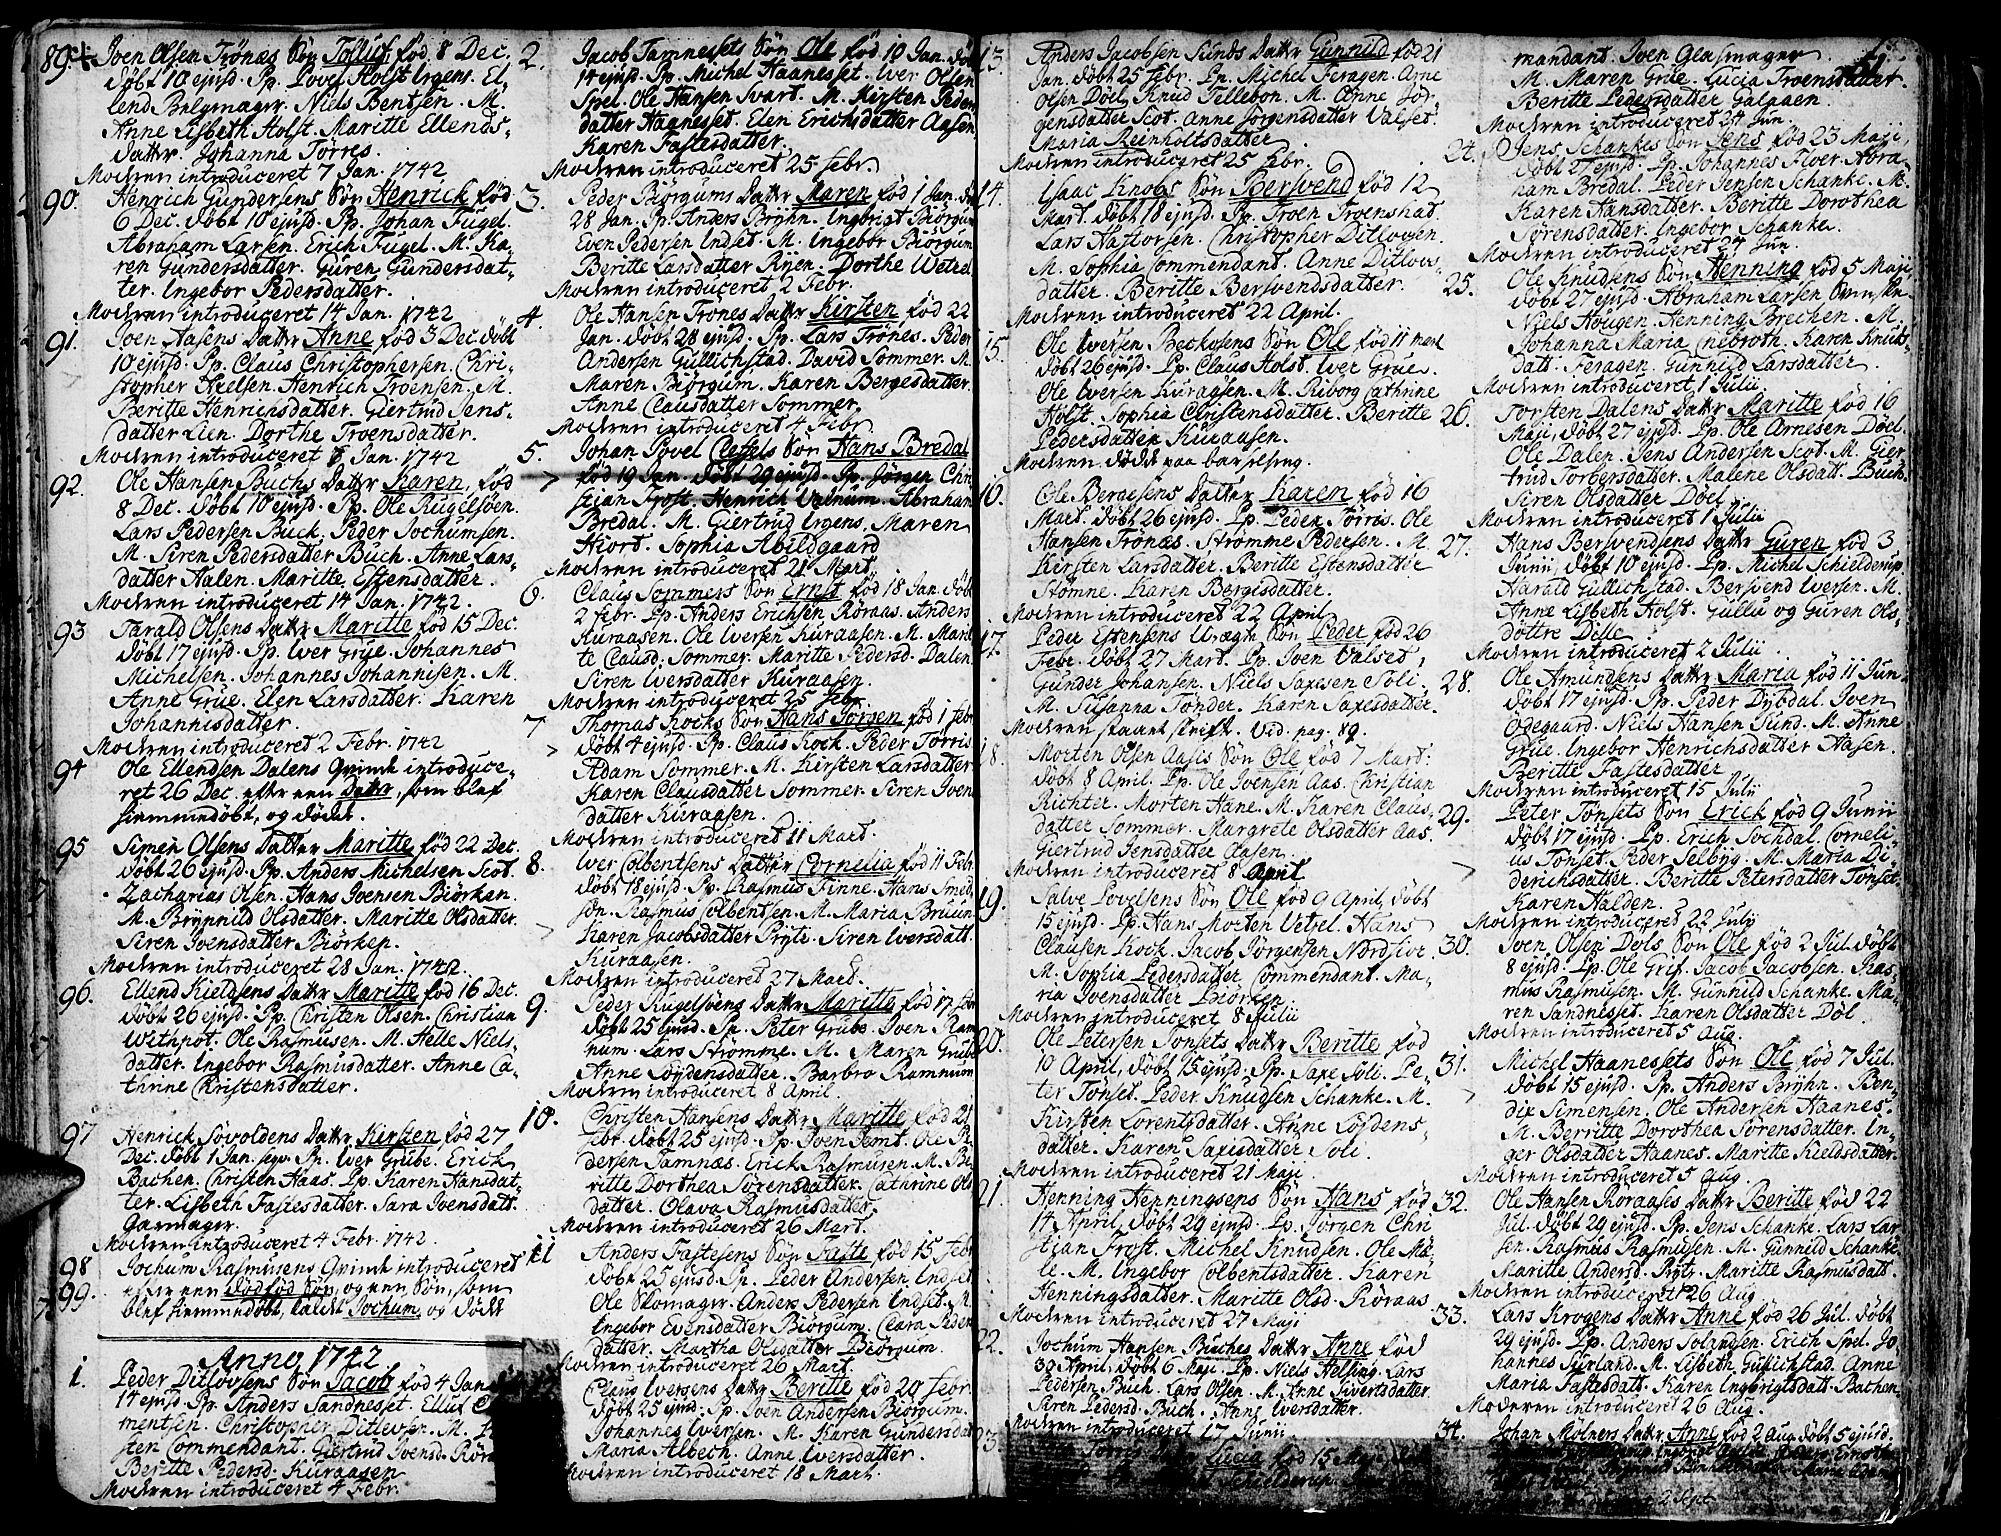 SAT, Ministerialprotokoller, klokkerbøker og fødselsregistre - Sør-Trøndelag, 681/L0925: Ministerialbok nr. 681A03, 1727-1766, s. 51